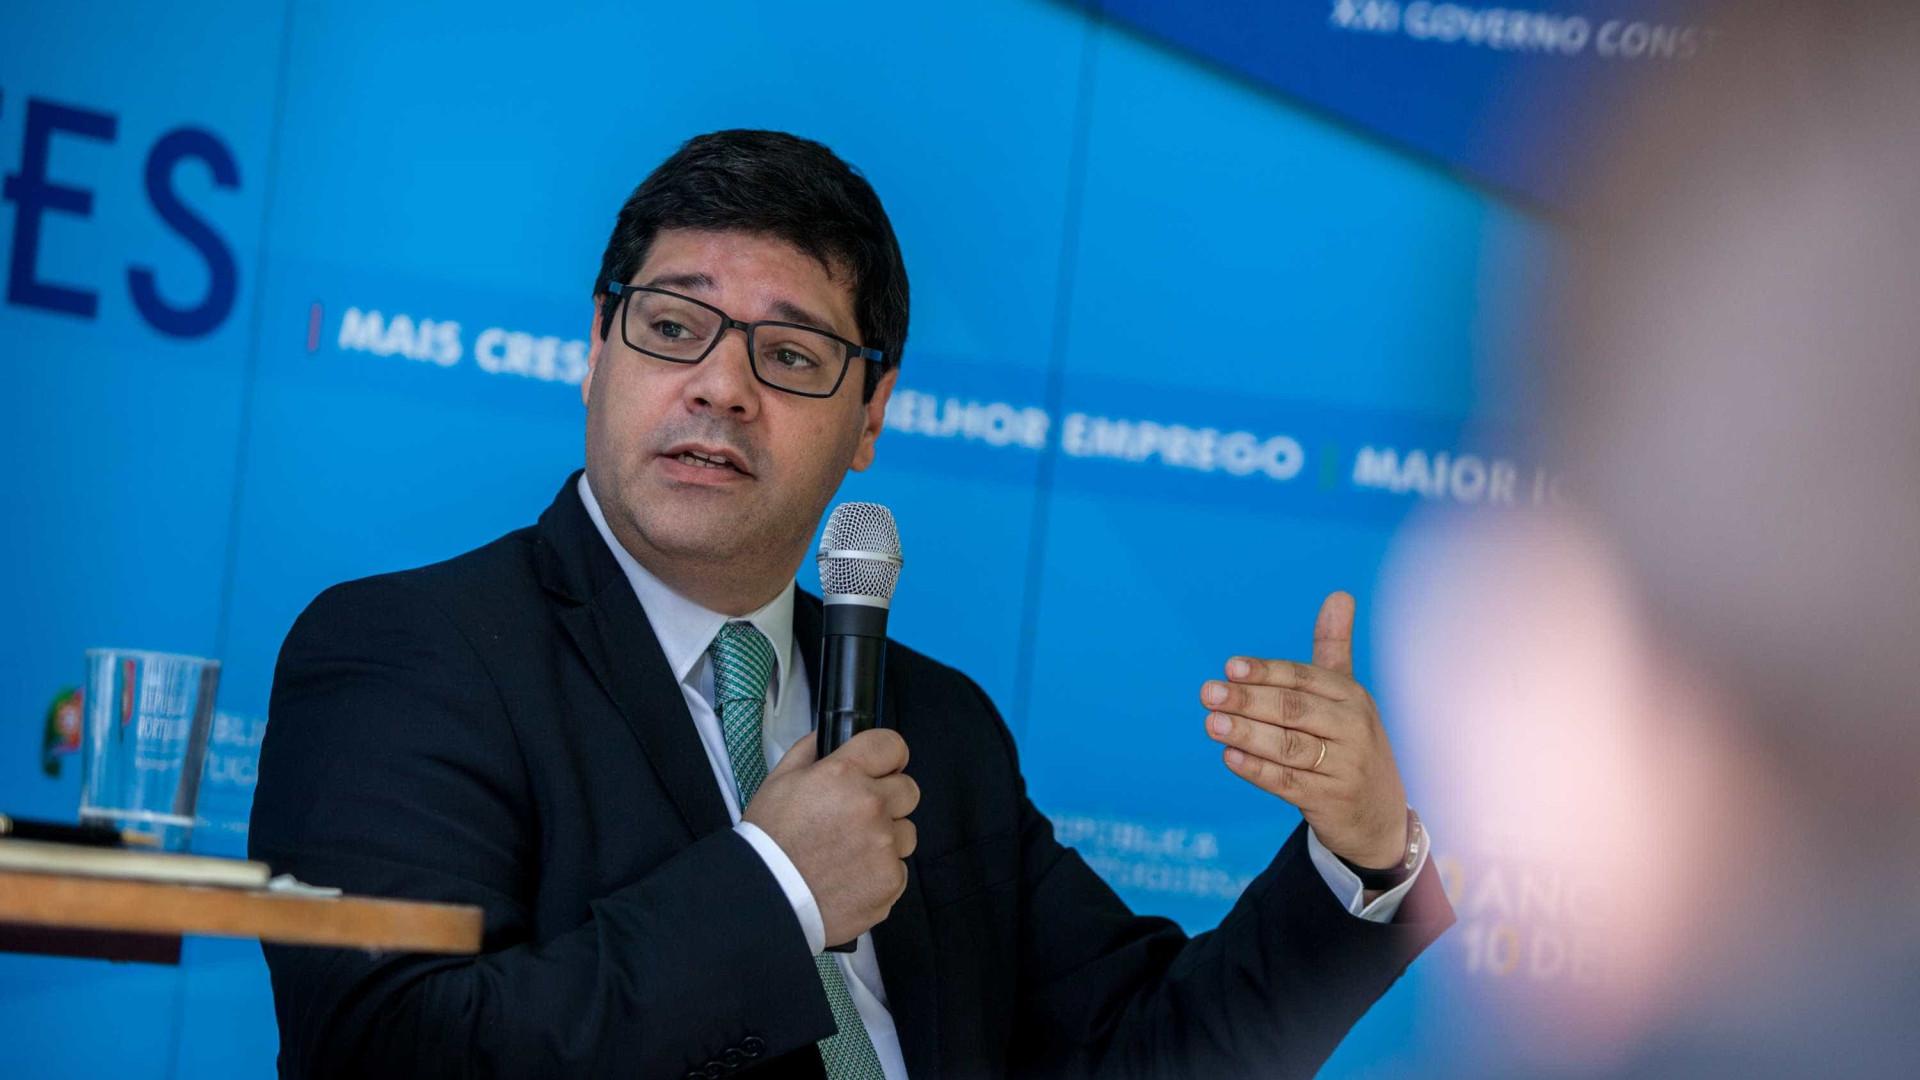 Lisboa quer empresas de capital de risco espanhol a investir em Portugal